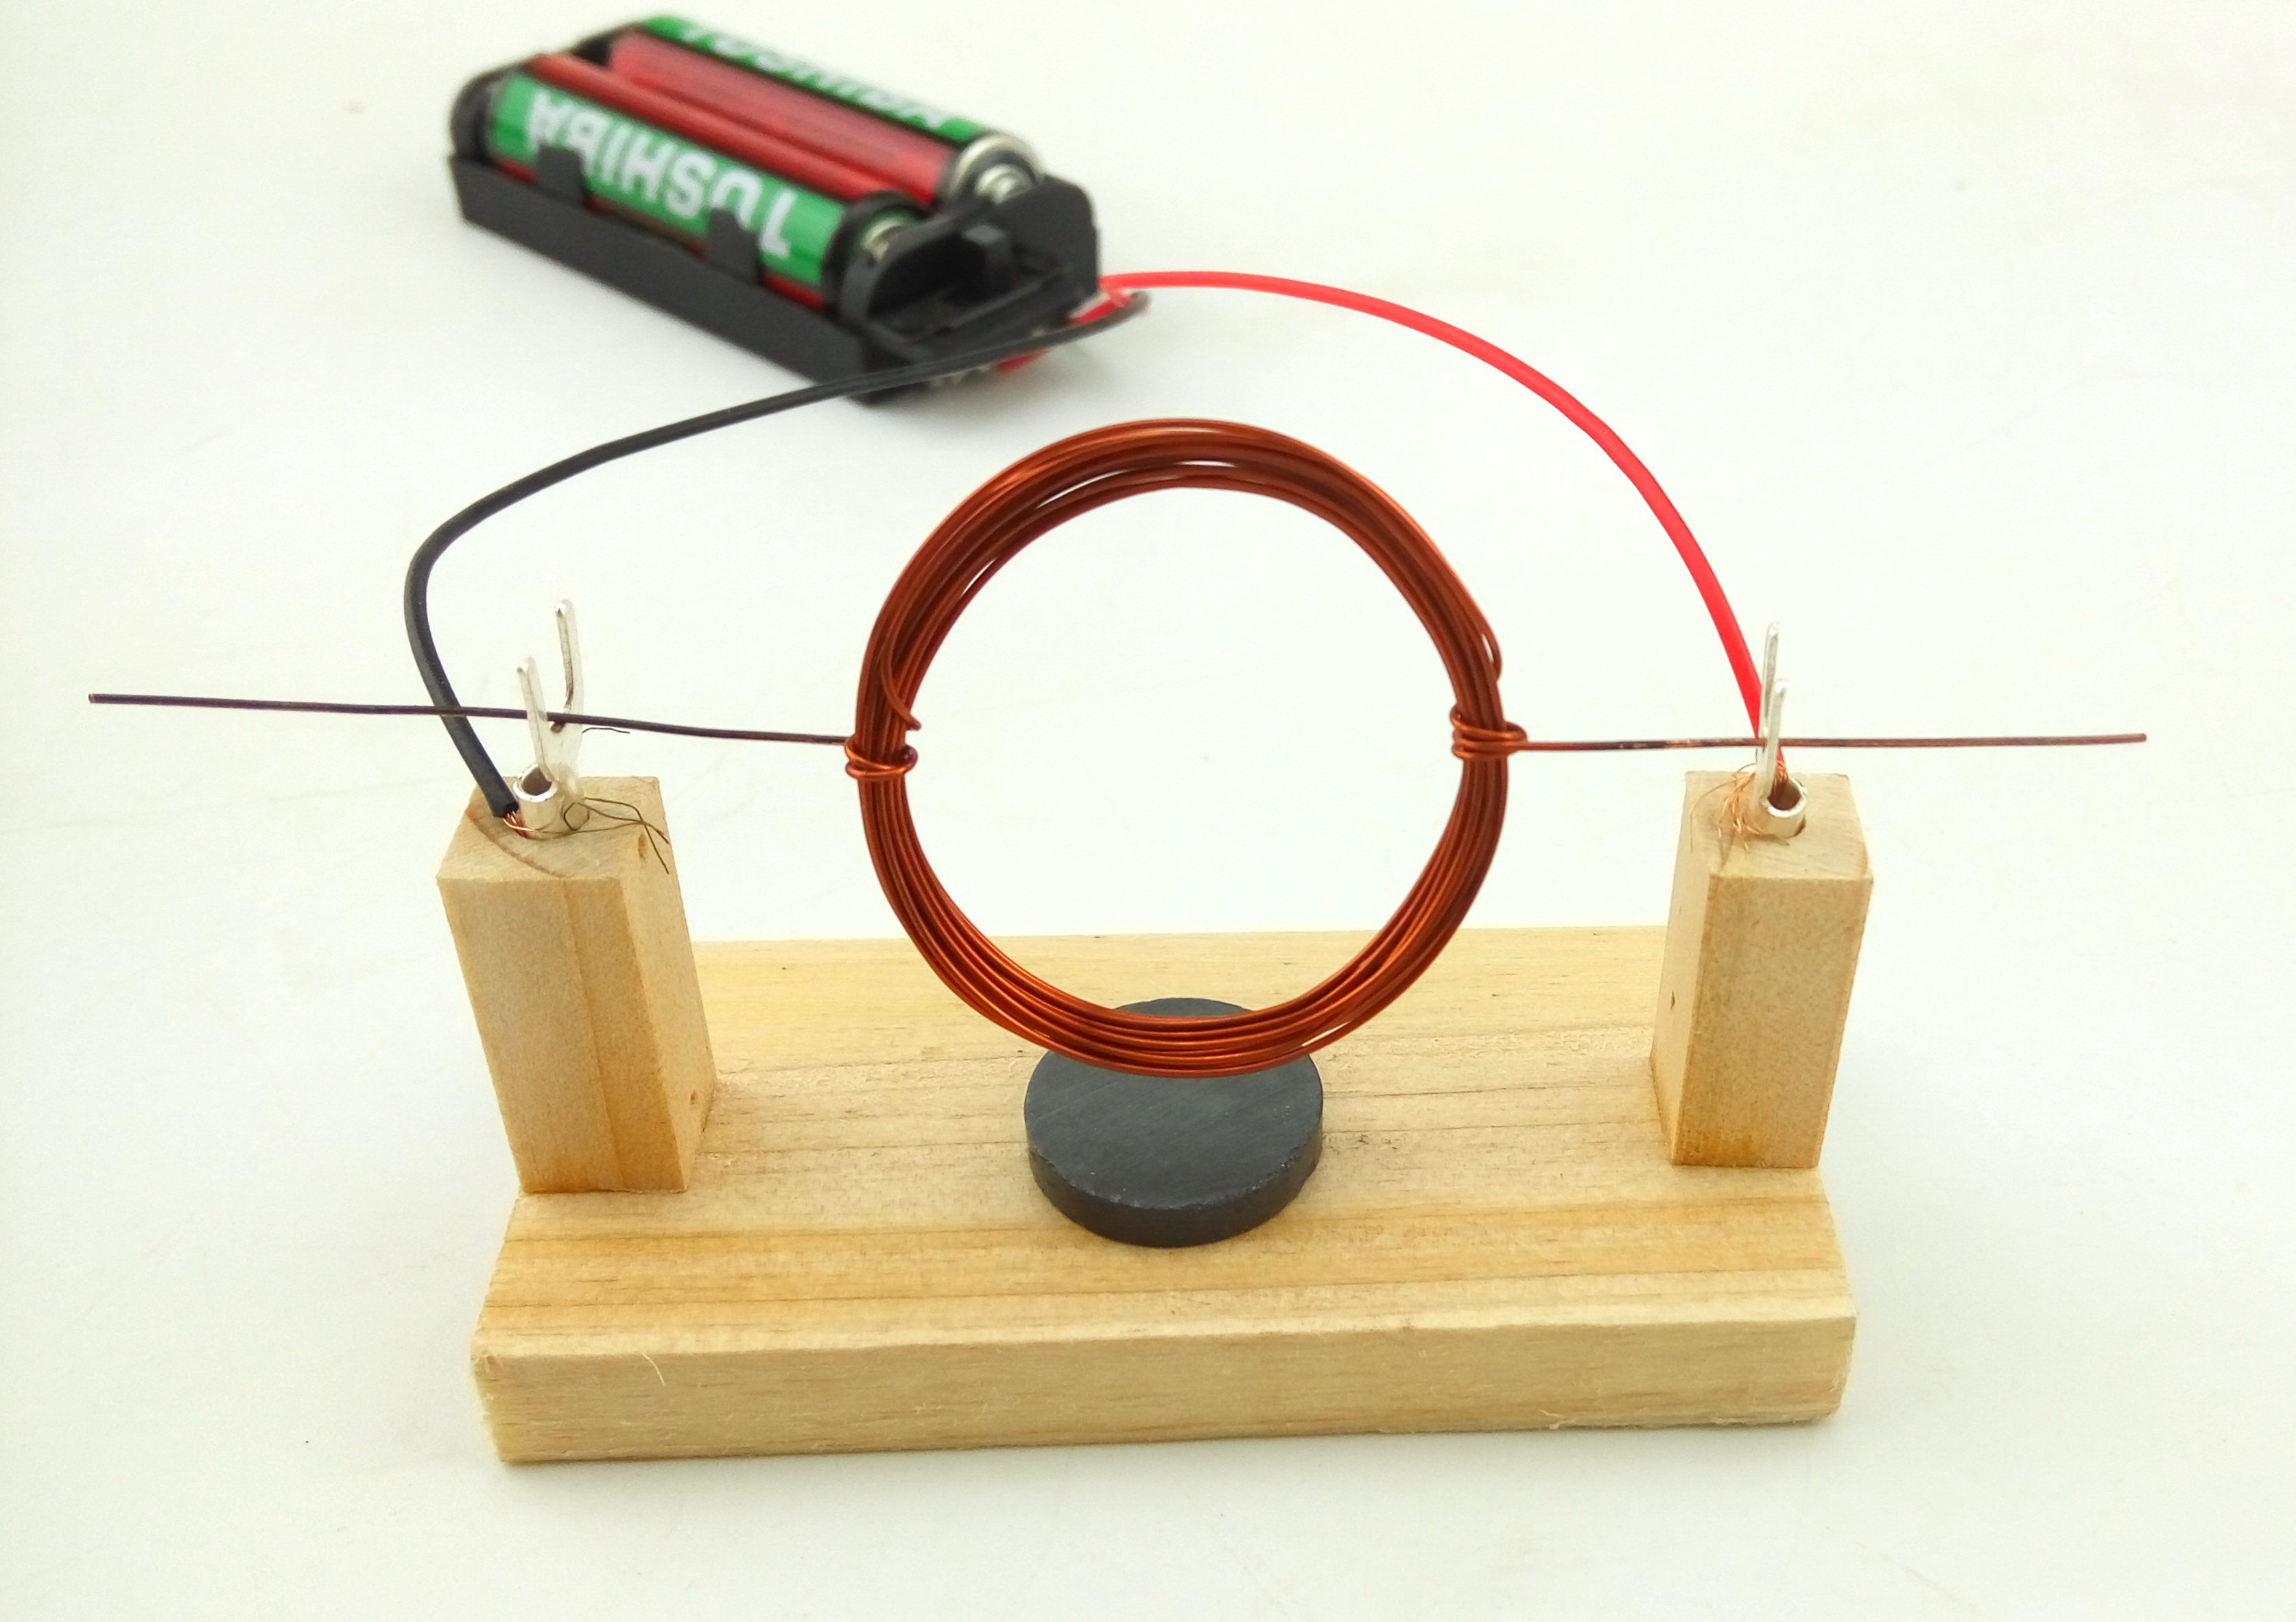 diy学生手工科技学小制作发明物理实验自制电动机发动机